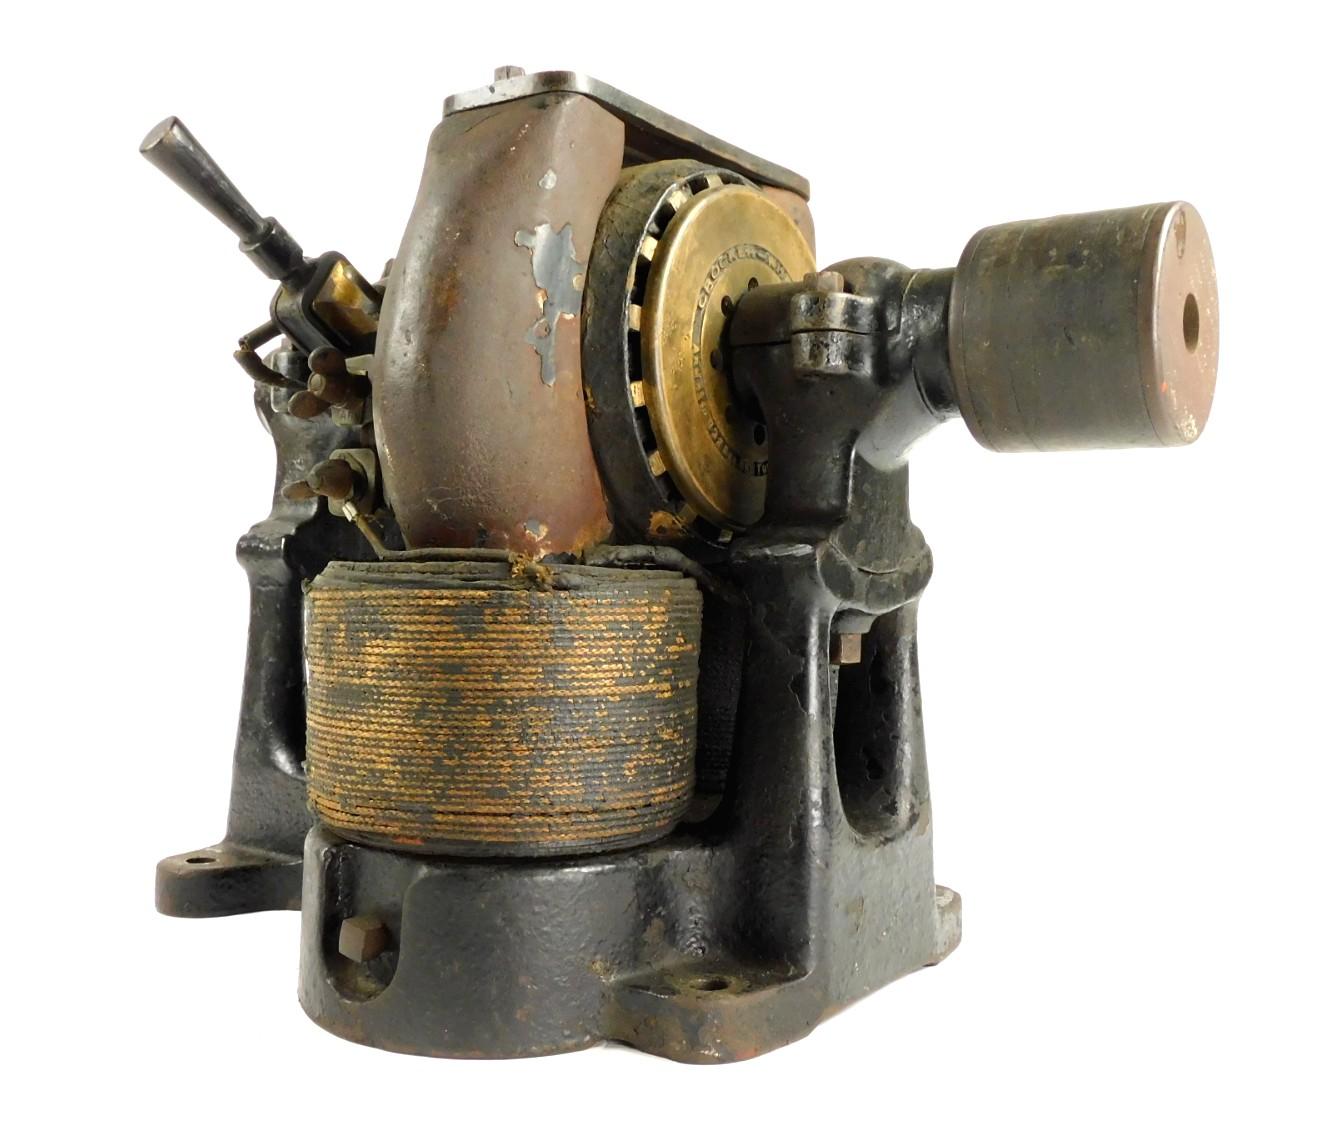 Circa 1890's Crocker Wheeler Bipolar Motor 1.5 H.P. 500 Volts